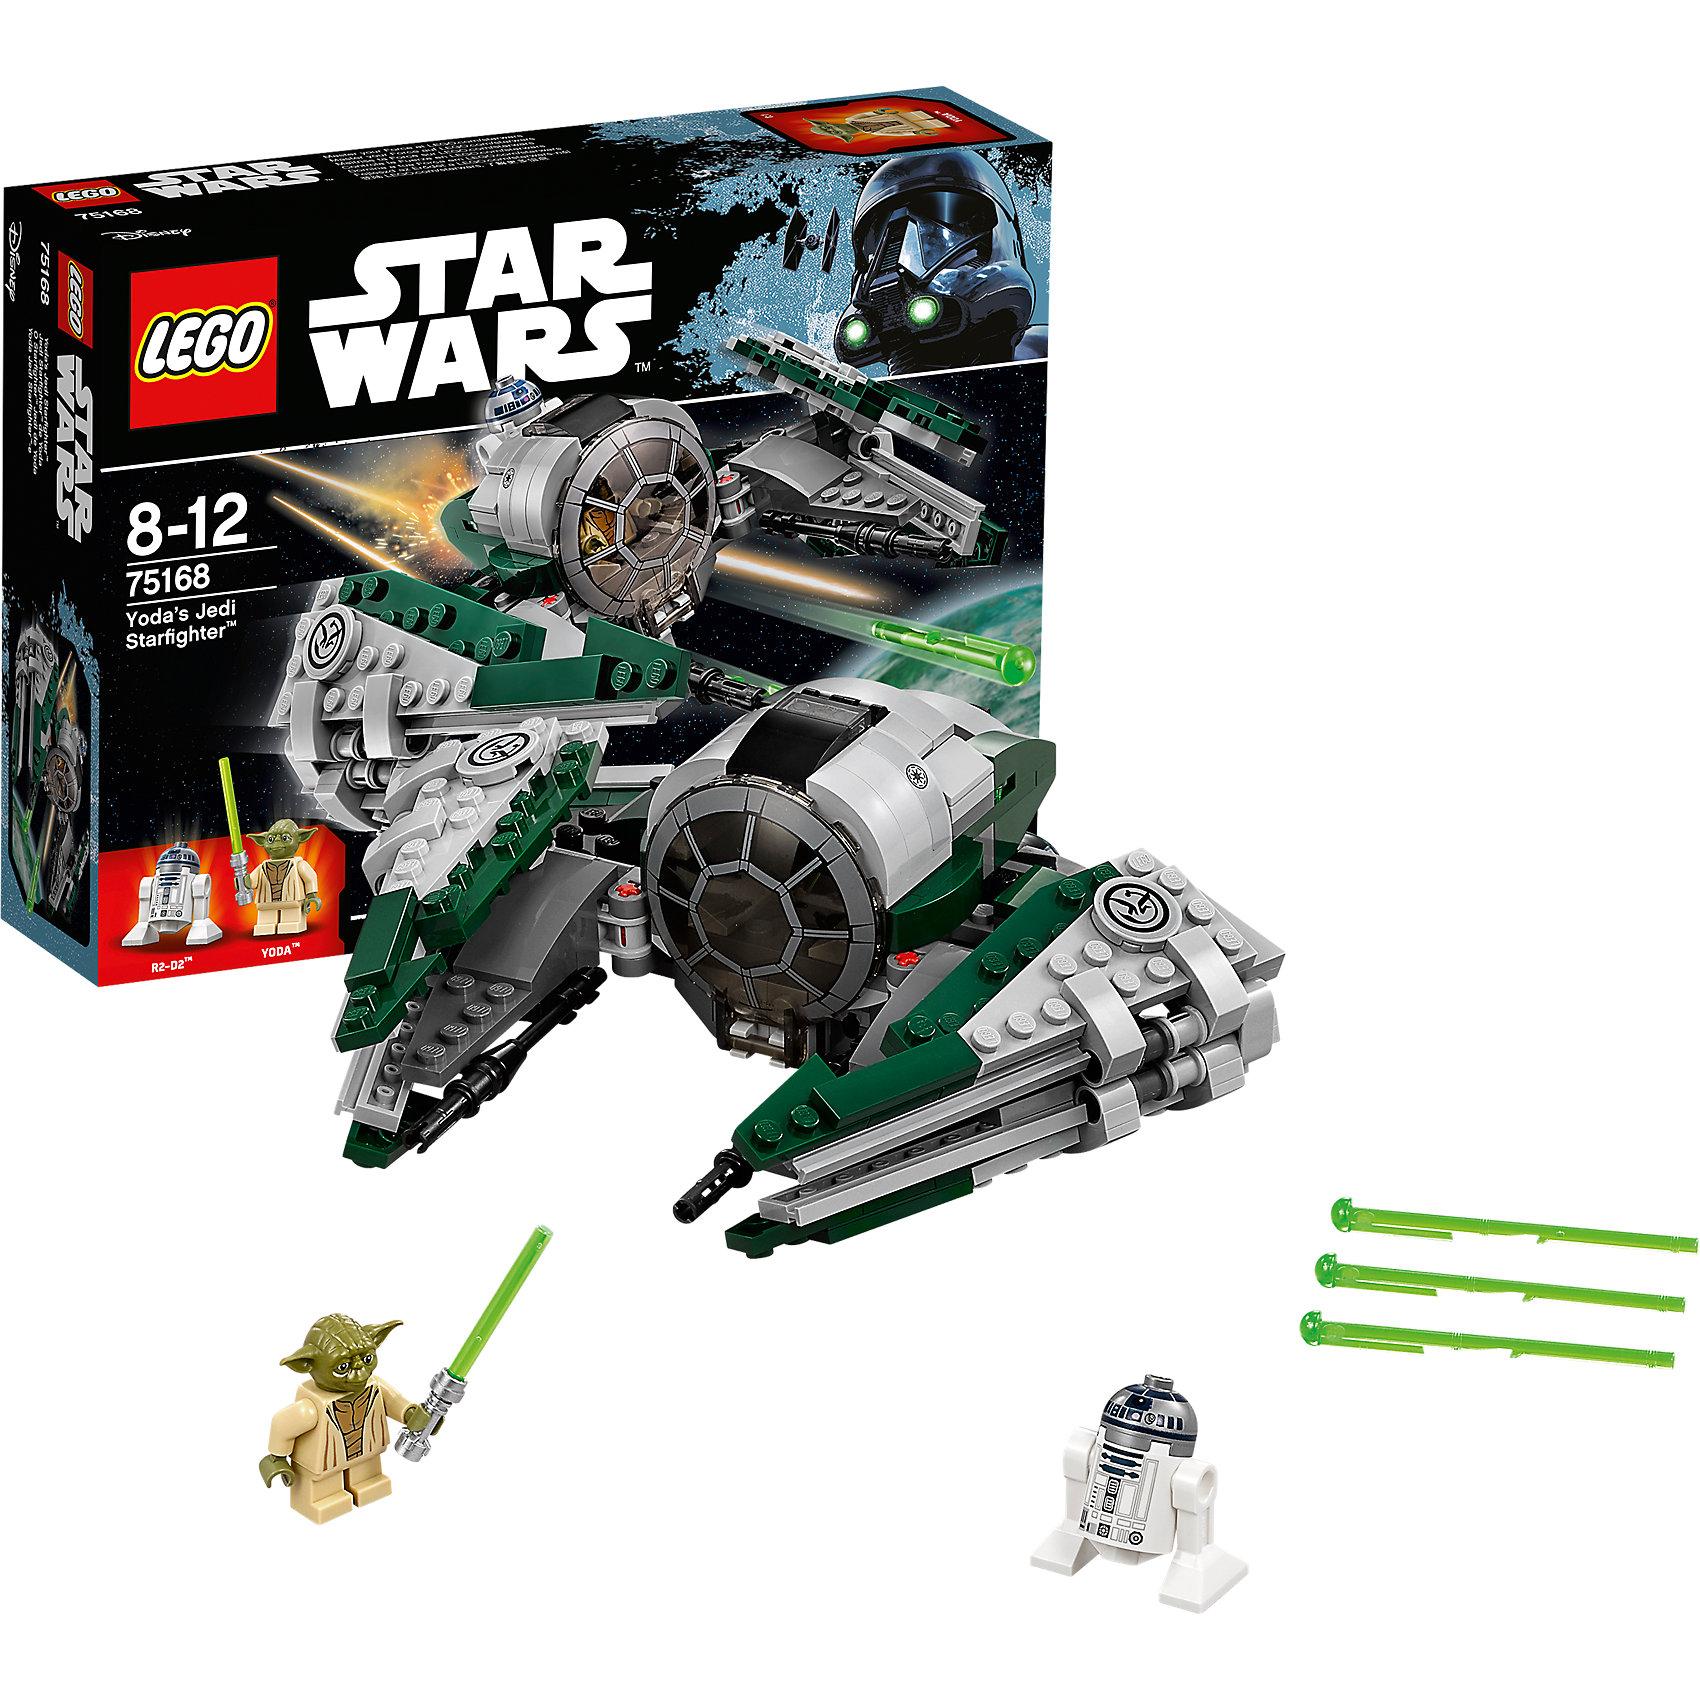 LEGO Star Wars 75168: Звёздный истребитель ЙодыПластмассовые конструкторы<br>LEGO Star Wars 75168: Звёздный истребитель Йоды<br><br>Характеристики:<br><br>- в набор входит: детали истребителя, 2 фигурки, аксессуары, инструкция<br>- состав: пластик<br>- количество деталей: 262<br>- примерное время сборки: 30 минут<br>- размер истребителя: 15 * 7 * 18 см.<br>- для детей в возрасте: от 8 до 12 лет<br>- Страна производитель: Дания/Китай/Чехия/<br><br>Легендарный конструктор LEGO (ЛЕГО) представляет серию «Звездные Войны» с героями одноименных фильмов. Гранд Мастер-Джедай Йода, небольшой по росту, но мудрый и сильный, тренировал джедаев более чем 800 лет. Его отлично проработанная фигурка приведет в восторг фанатов, рельефная голова с детализированными морщинами и знаменитыми ушами магистра добавляют максимальной реалистичности этой фигурке. В набор входит световой меч Йоды. На фигурку знаменитого астромеханического дроида Р2-Д2 (R2-D2) качественно нанесены рисунки приборной панели, а его бочкообразная форма и вращающийся купол выглядят совсем как в фильмах! Дроид способен чинить неполадки во время полетов. Известный истребитель Йоды – это модифицированный истребитель джедая, специально уменьшенный в размере для магистра. Кабина пилота открывается, а особенная прозрачная круговая деталь с уже нанесенным рисунком выглядит очень реалистично. Мощные крылья истребителя двигаются и раскладываются позволяя осуществлять выстрелы по противникам. Пружинный механизм выпускает зеленые бластерные лучи. Присоединись к команде повстанцев и совершенствуй свою силу. <br><br>Конструктор LEGO Star Wars 75168: Звёздный истребитель Йоды можно купить в нашем интернет-магазине.<br><br>Ширина мм: 261<br>Глубина мм: 192<br>Высота мм: 66<br>Вес г: 344<br>Возраст от месяцев: 96<br>Возраст до месяцев: 144<br>Пол: Мужской<br>Возраст: Детский<br>SKU: 5002395